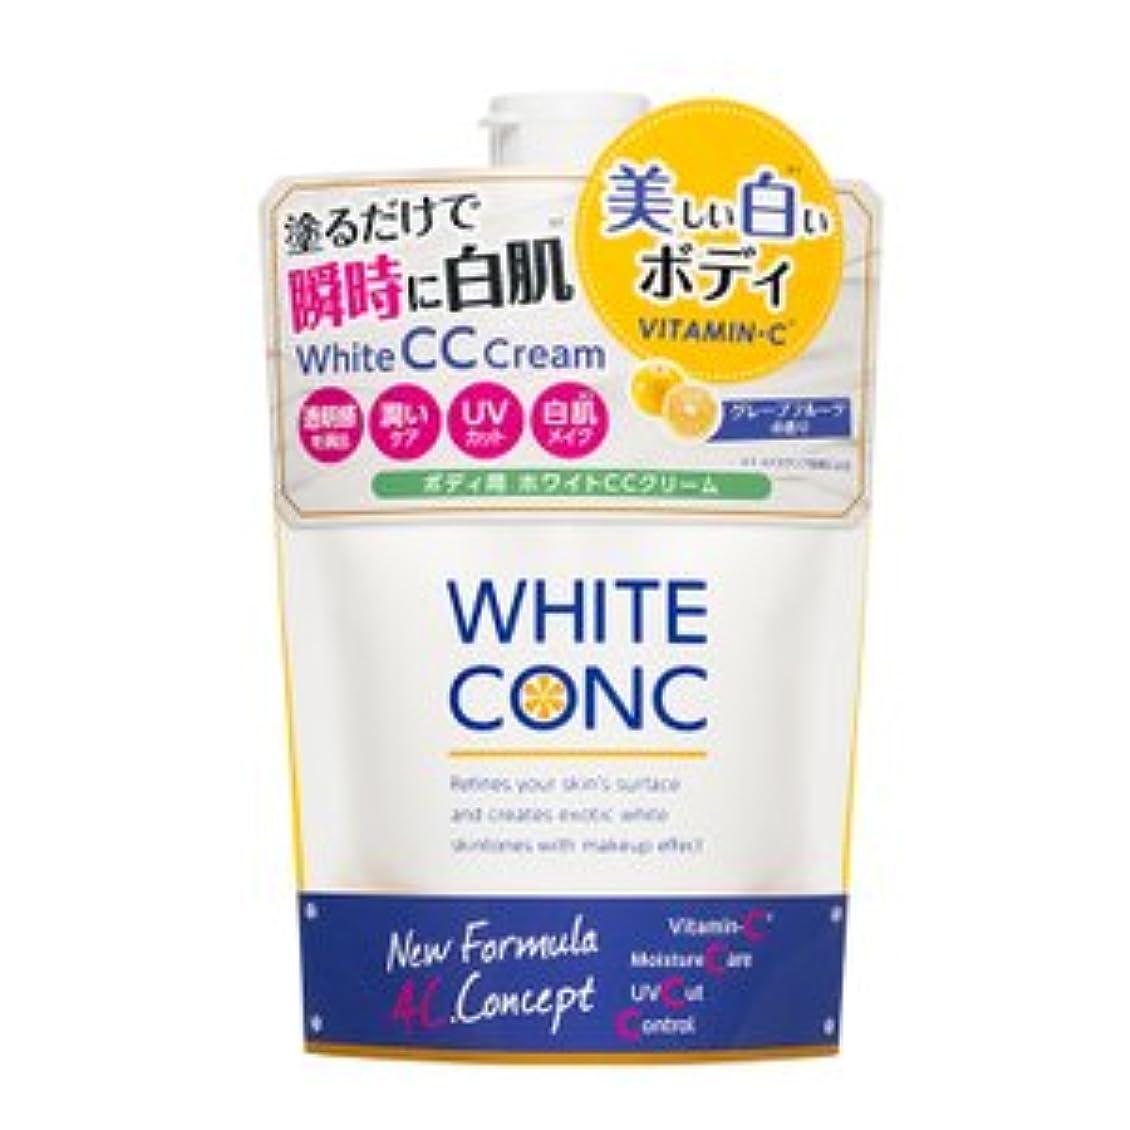 札入れコットン惑星薬用ホワイトコンクホワイトCCクリーム 200g